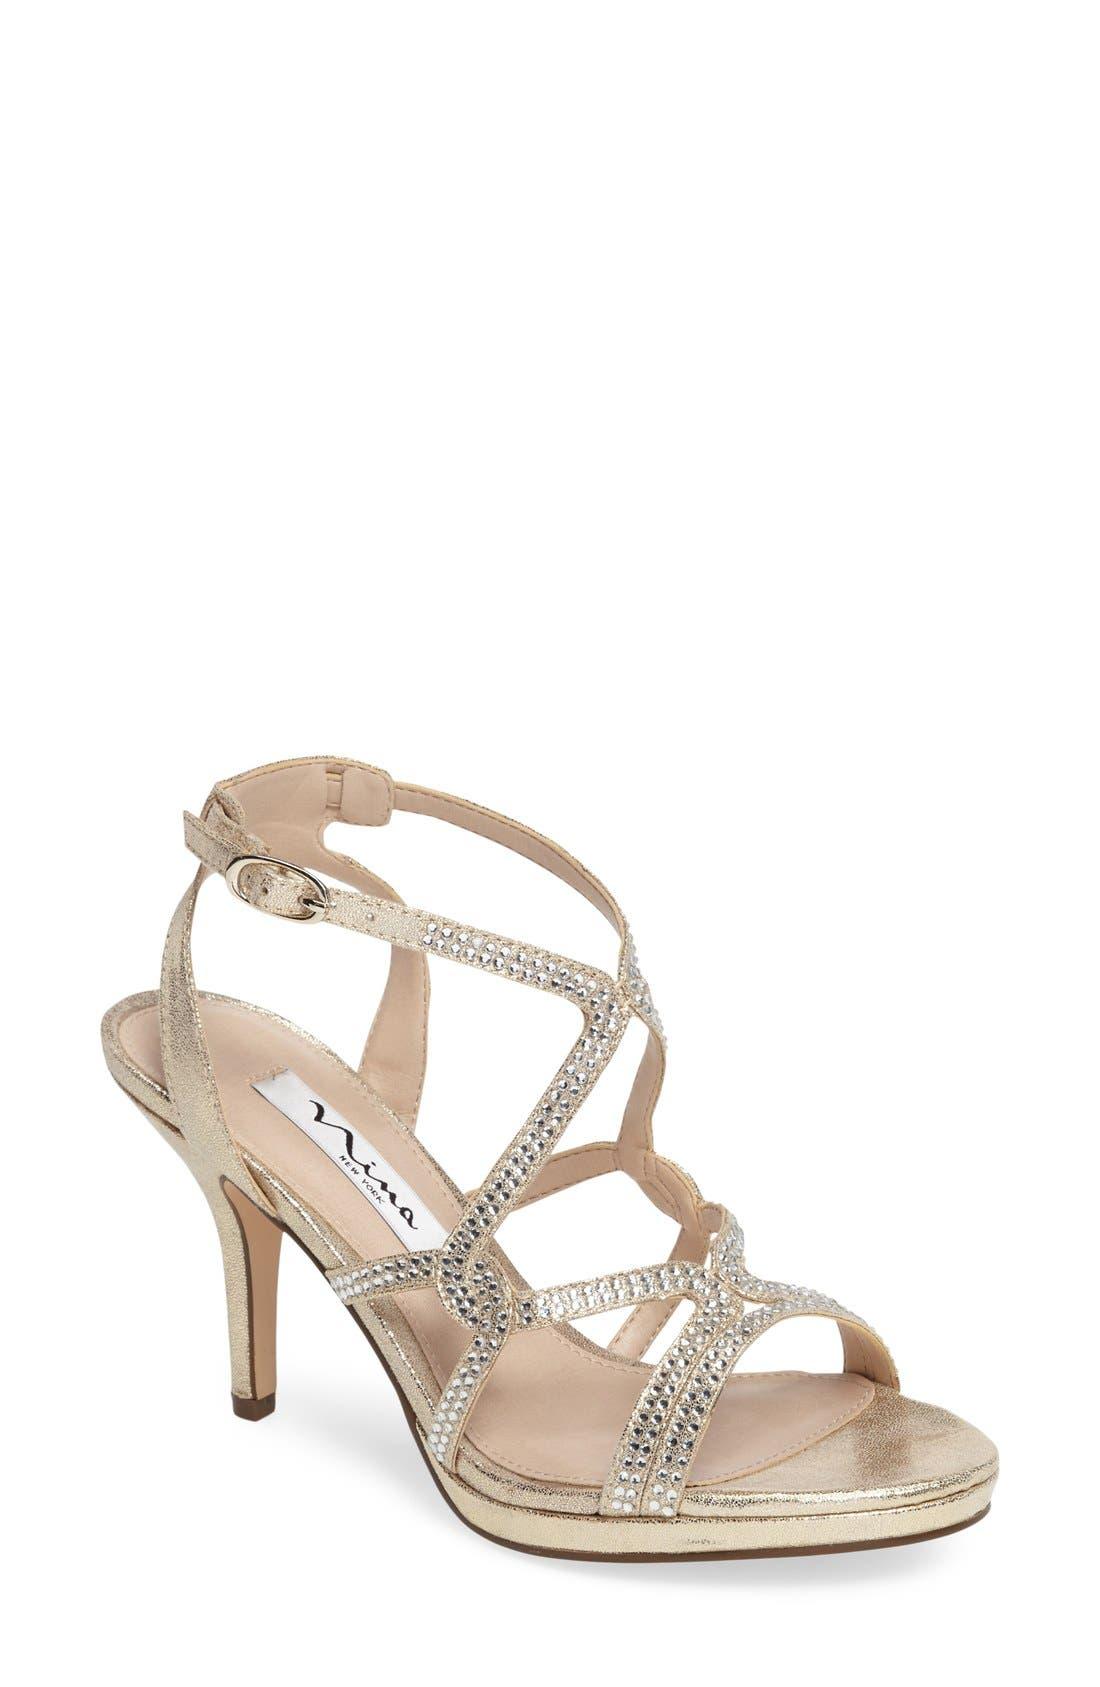 Main Image - Nina Varsha Crystal Embellished Evening Sandal (Women)